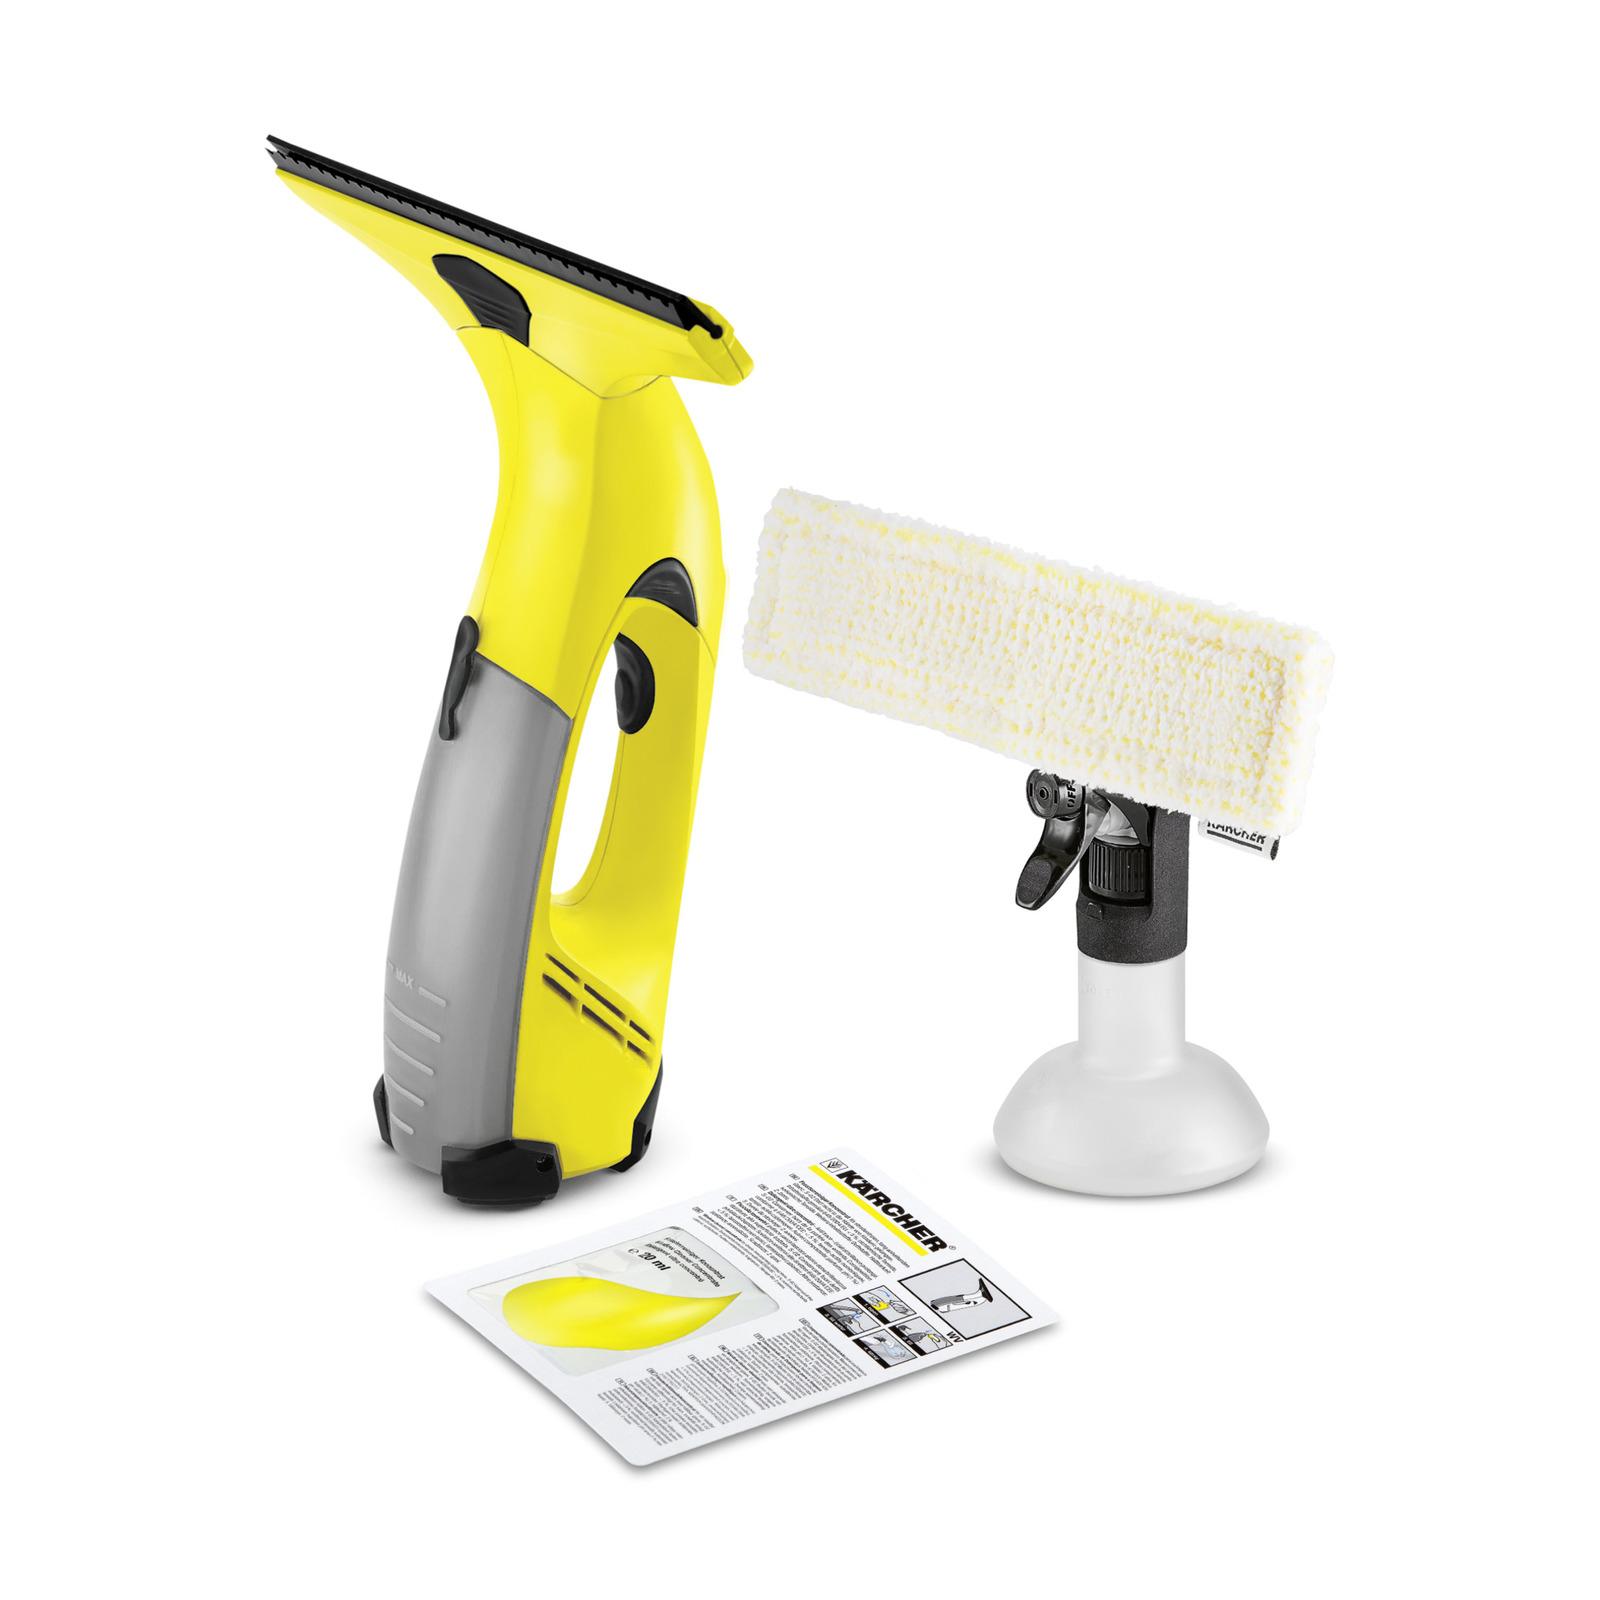 Nettoyeur vitre Kärcher Easy Plus 16331770 (Via ODR de 10€)